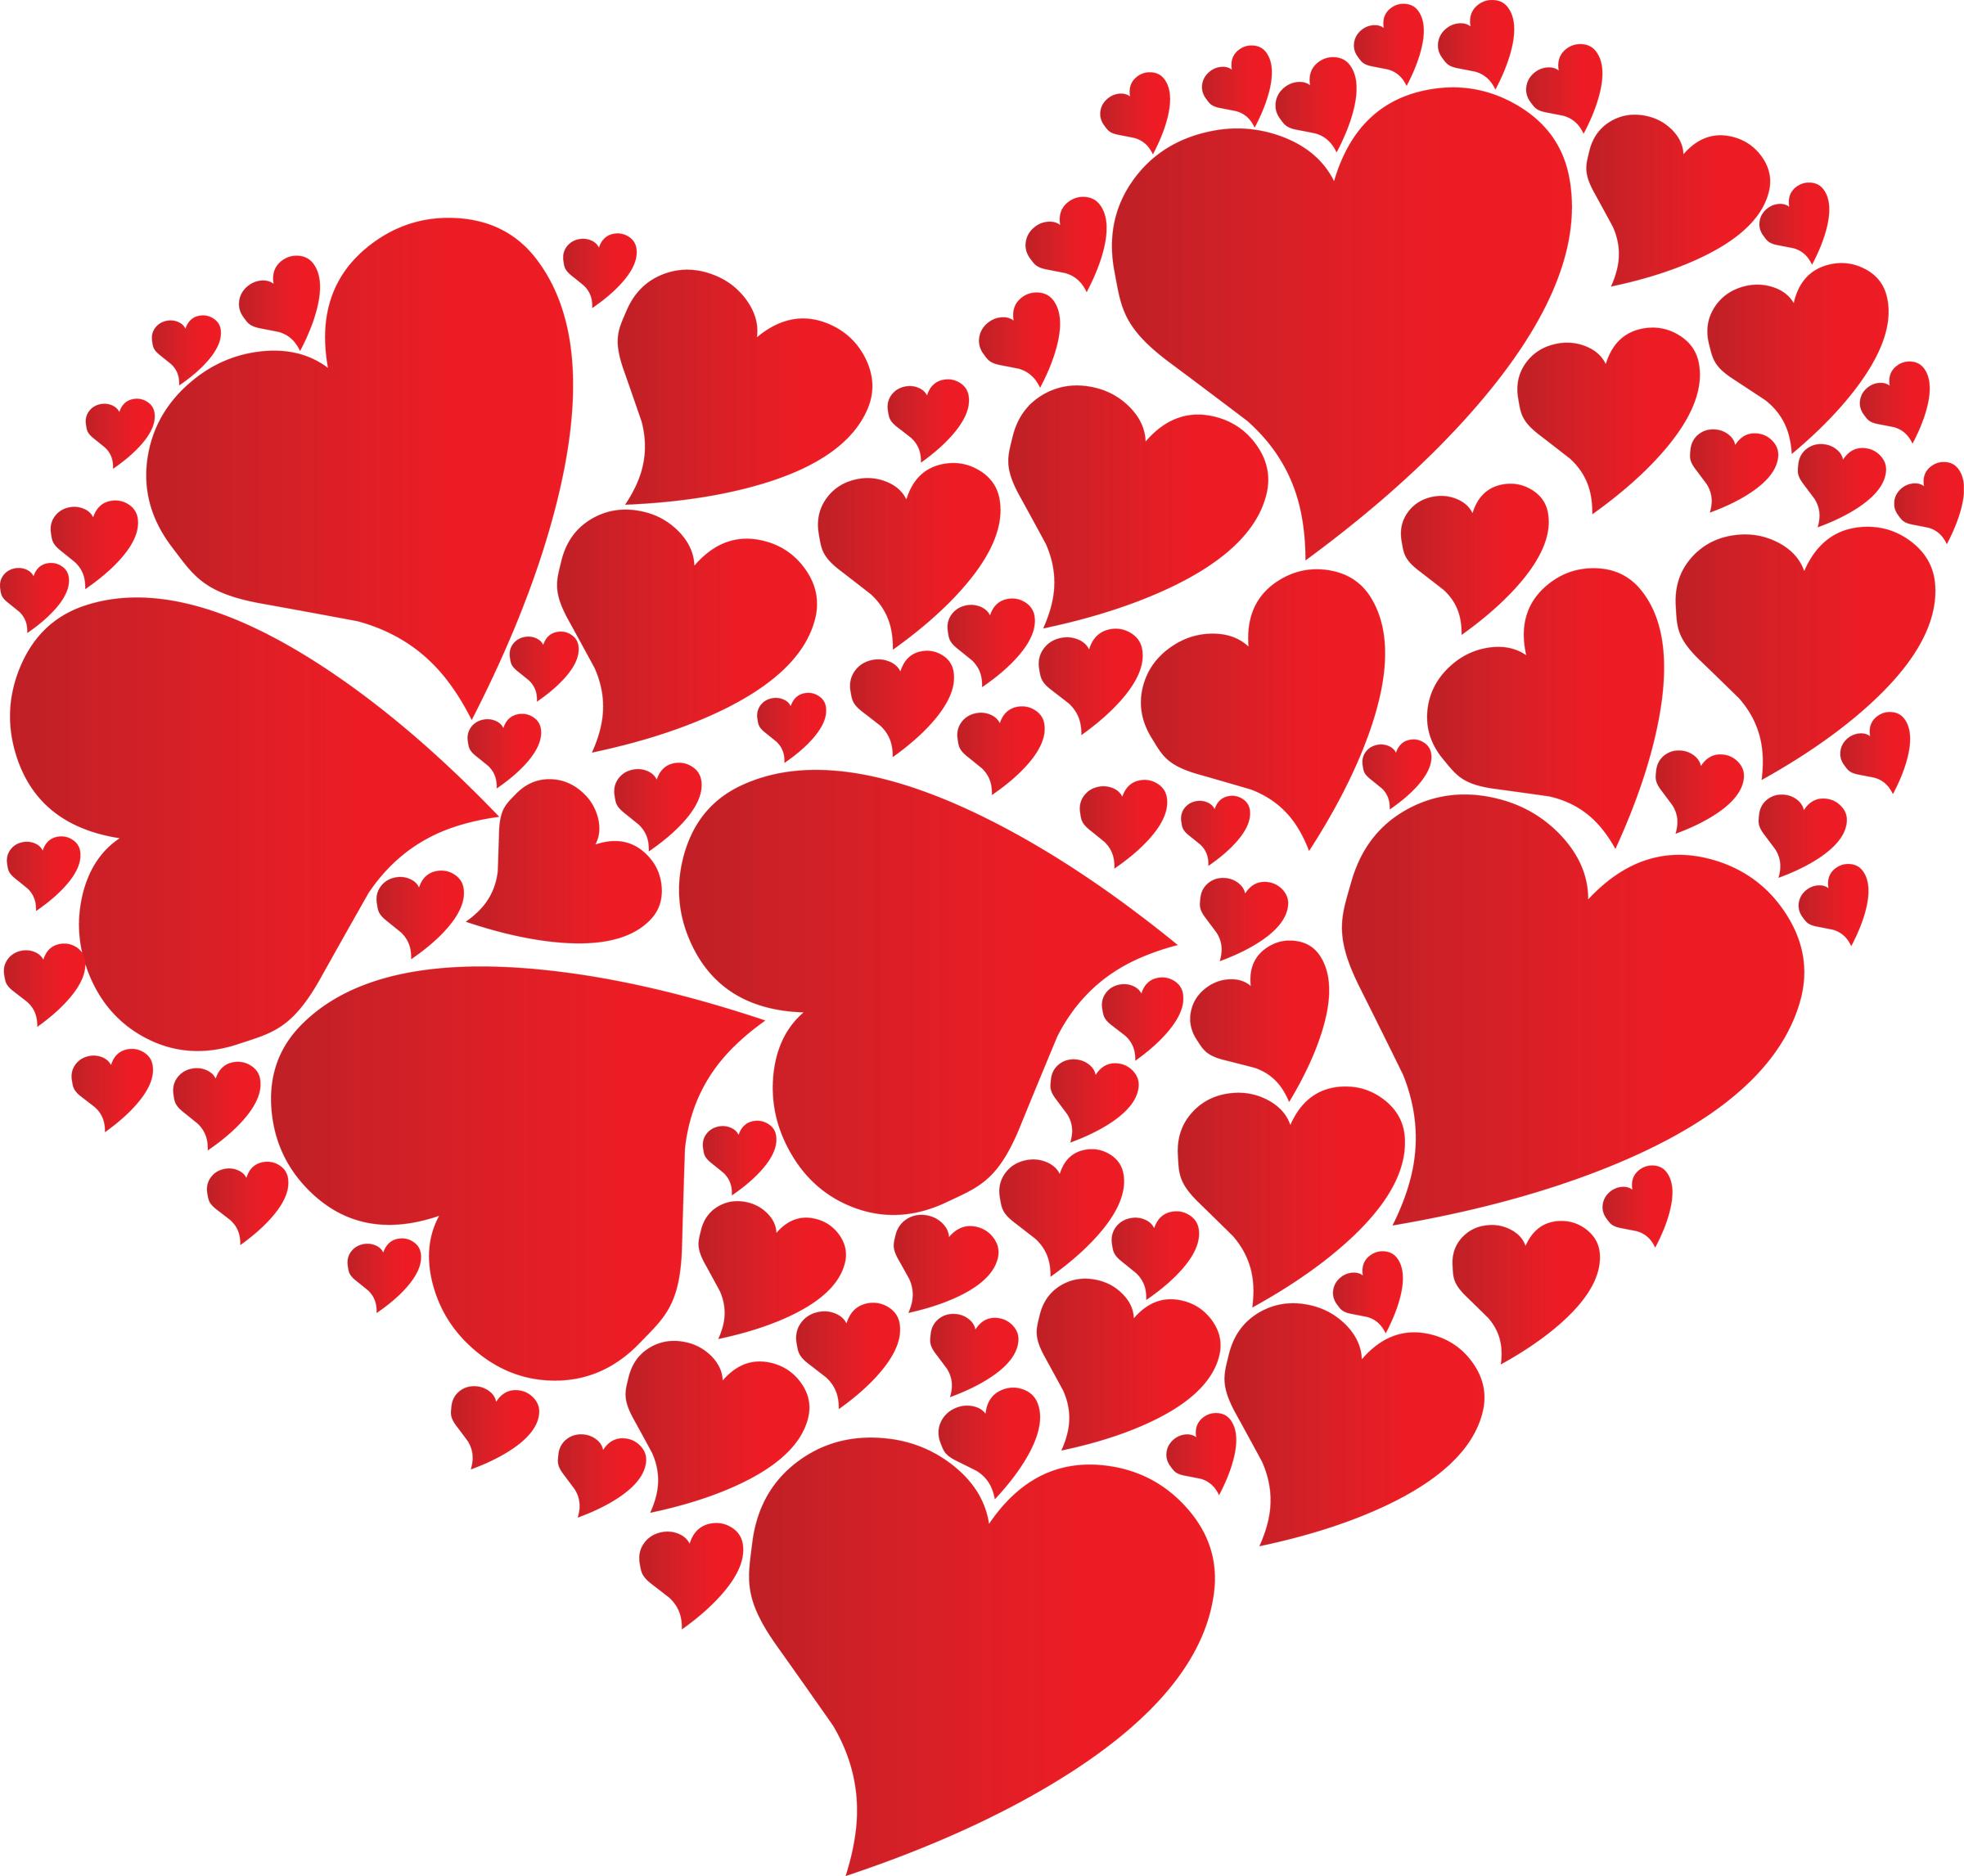 heart made of hearts